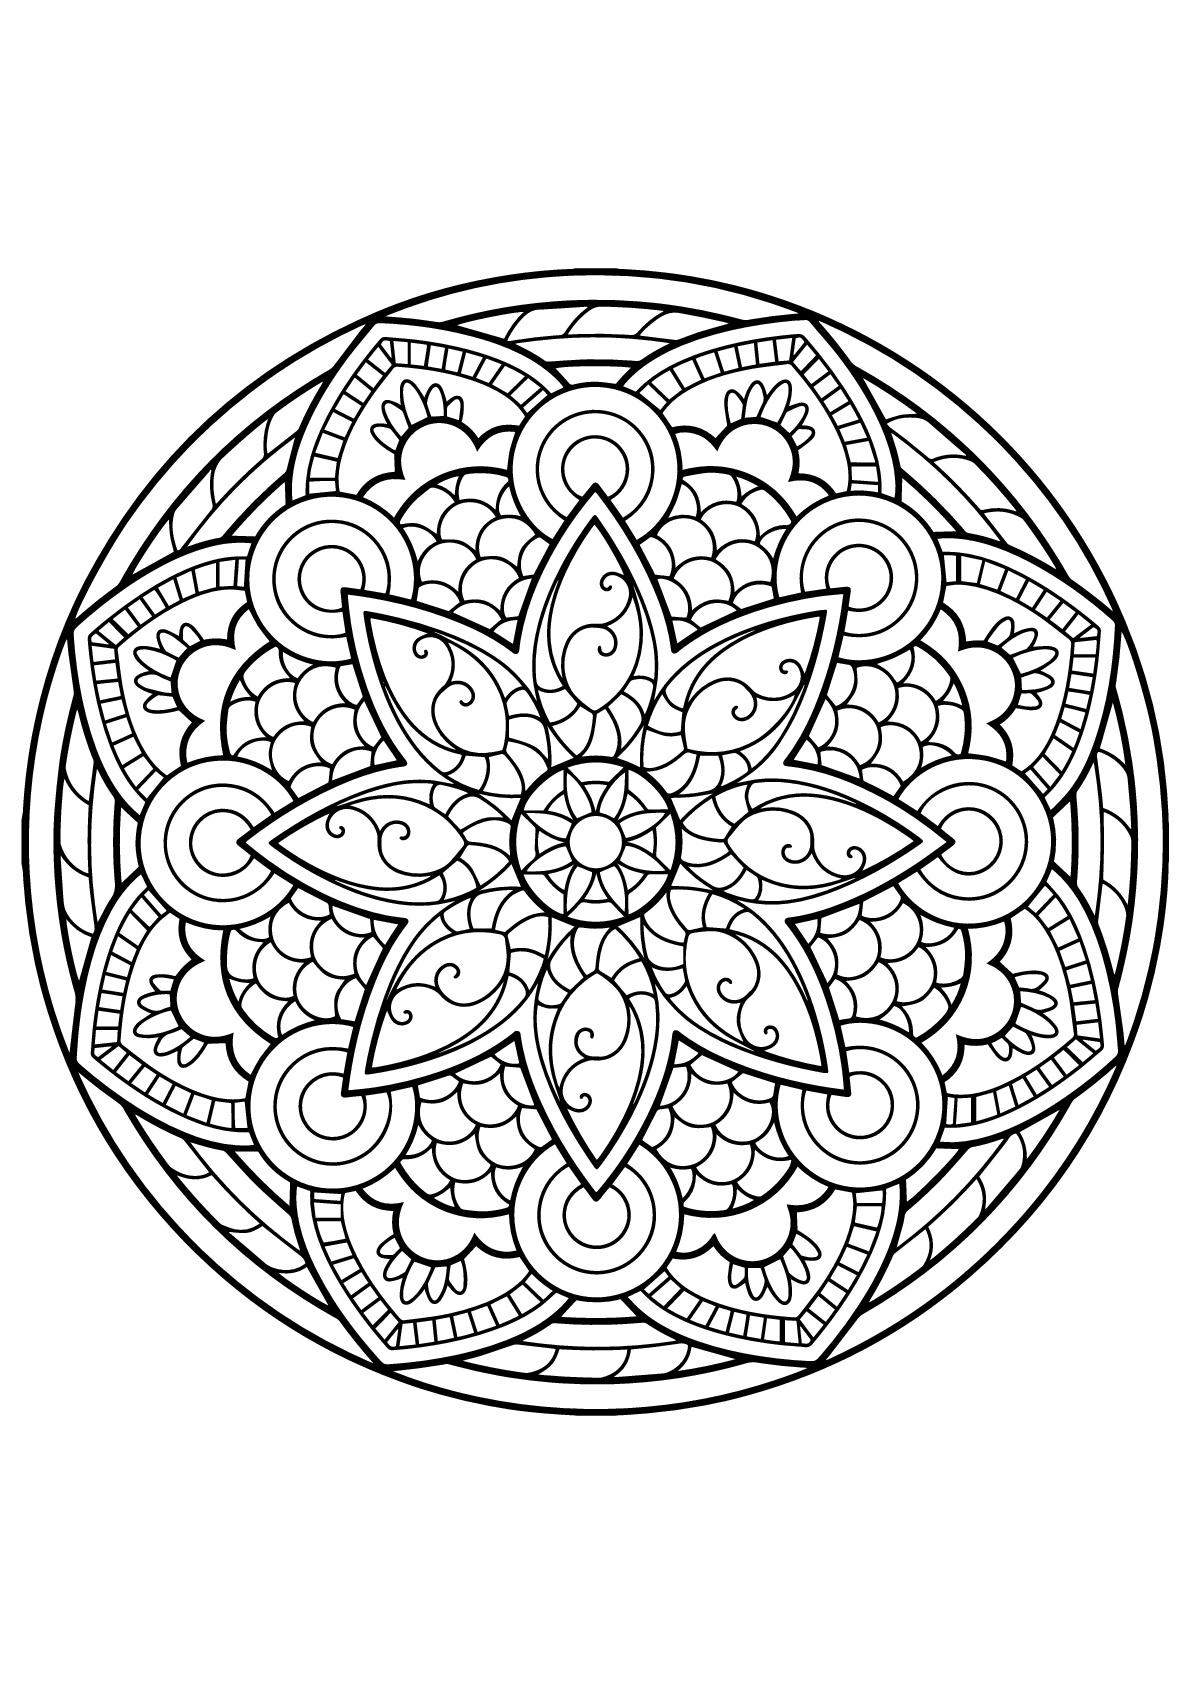 Disegni da colorare per adulti : Mandalas - 4